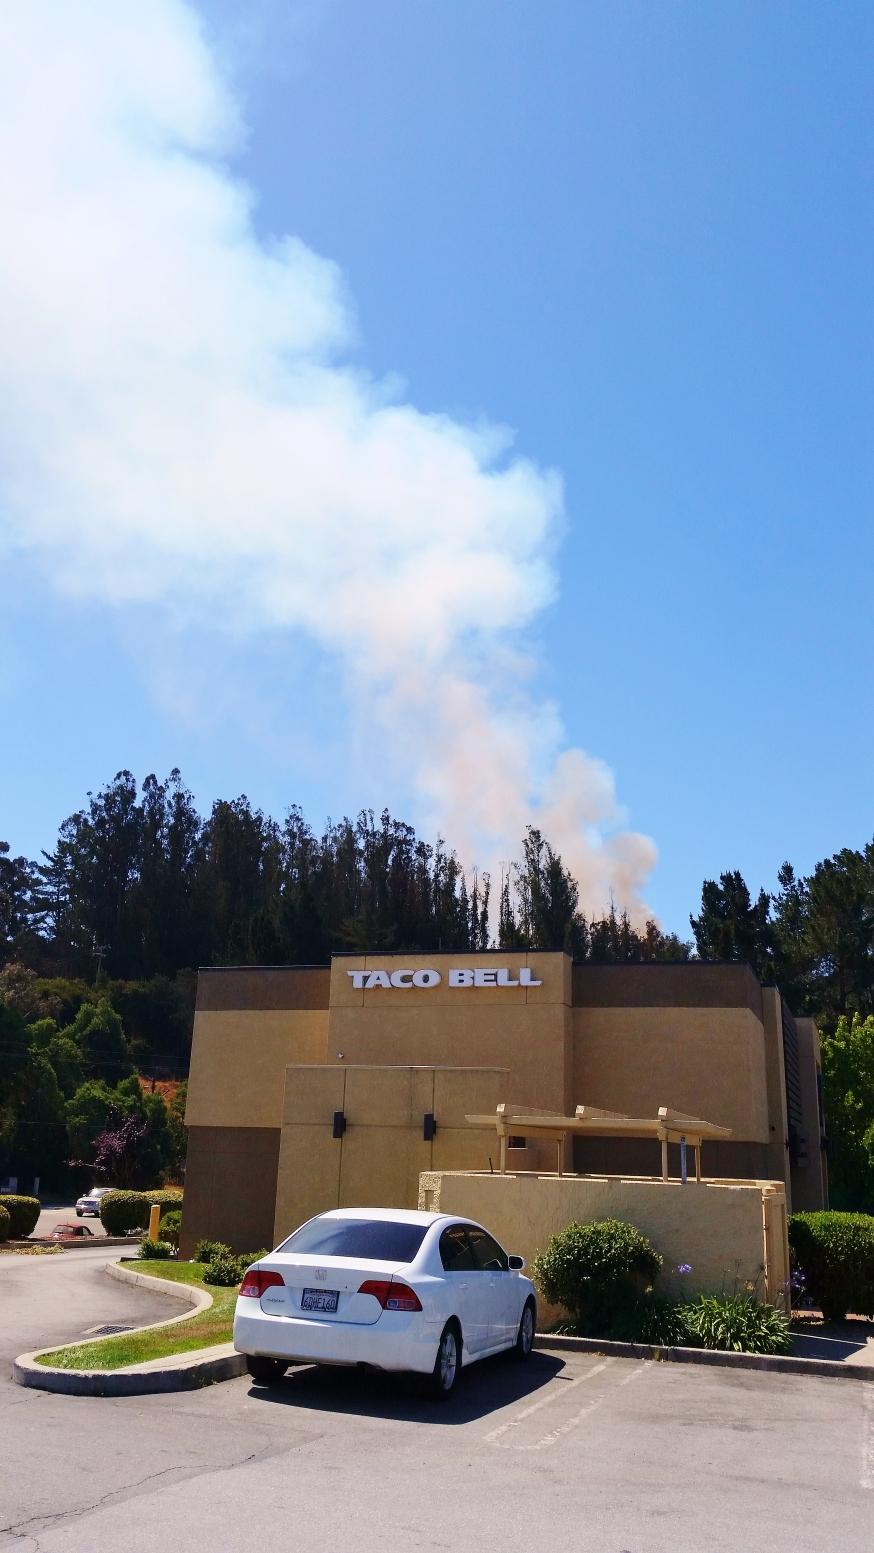 Taco fire